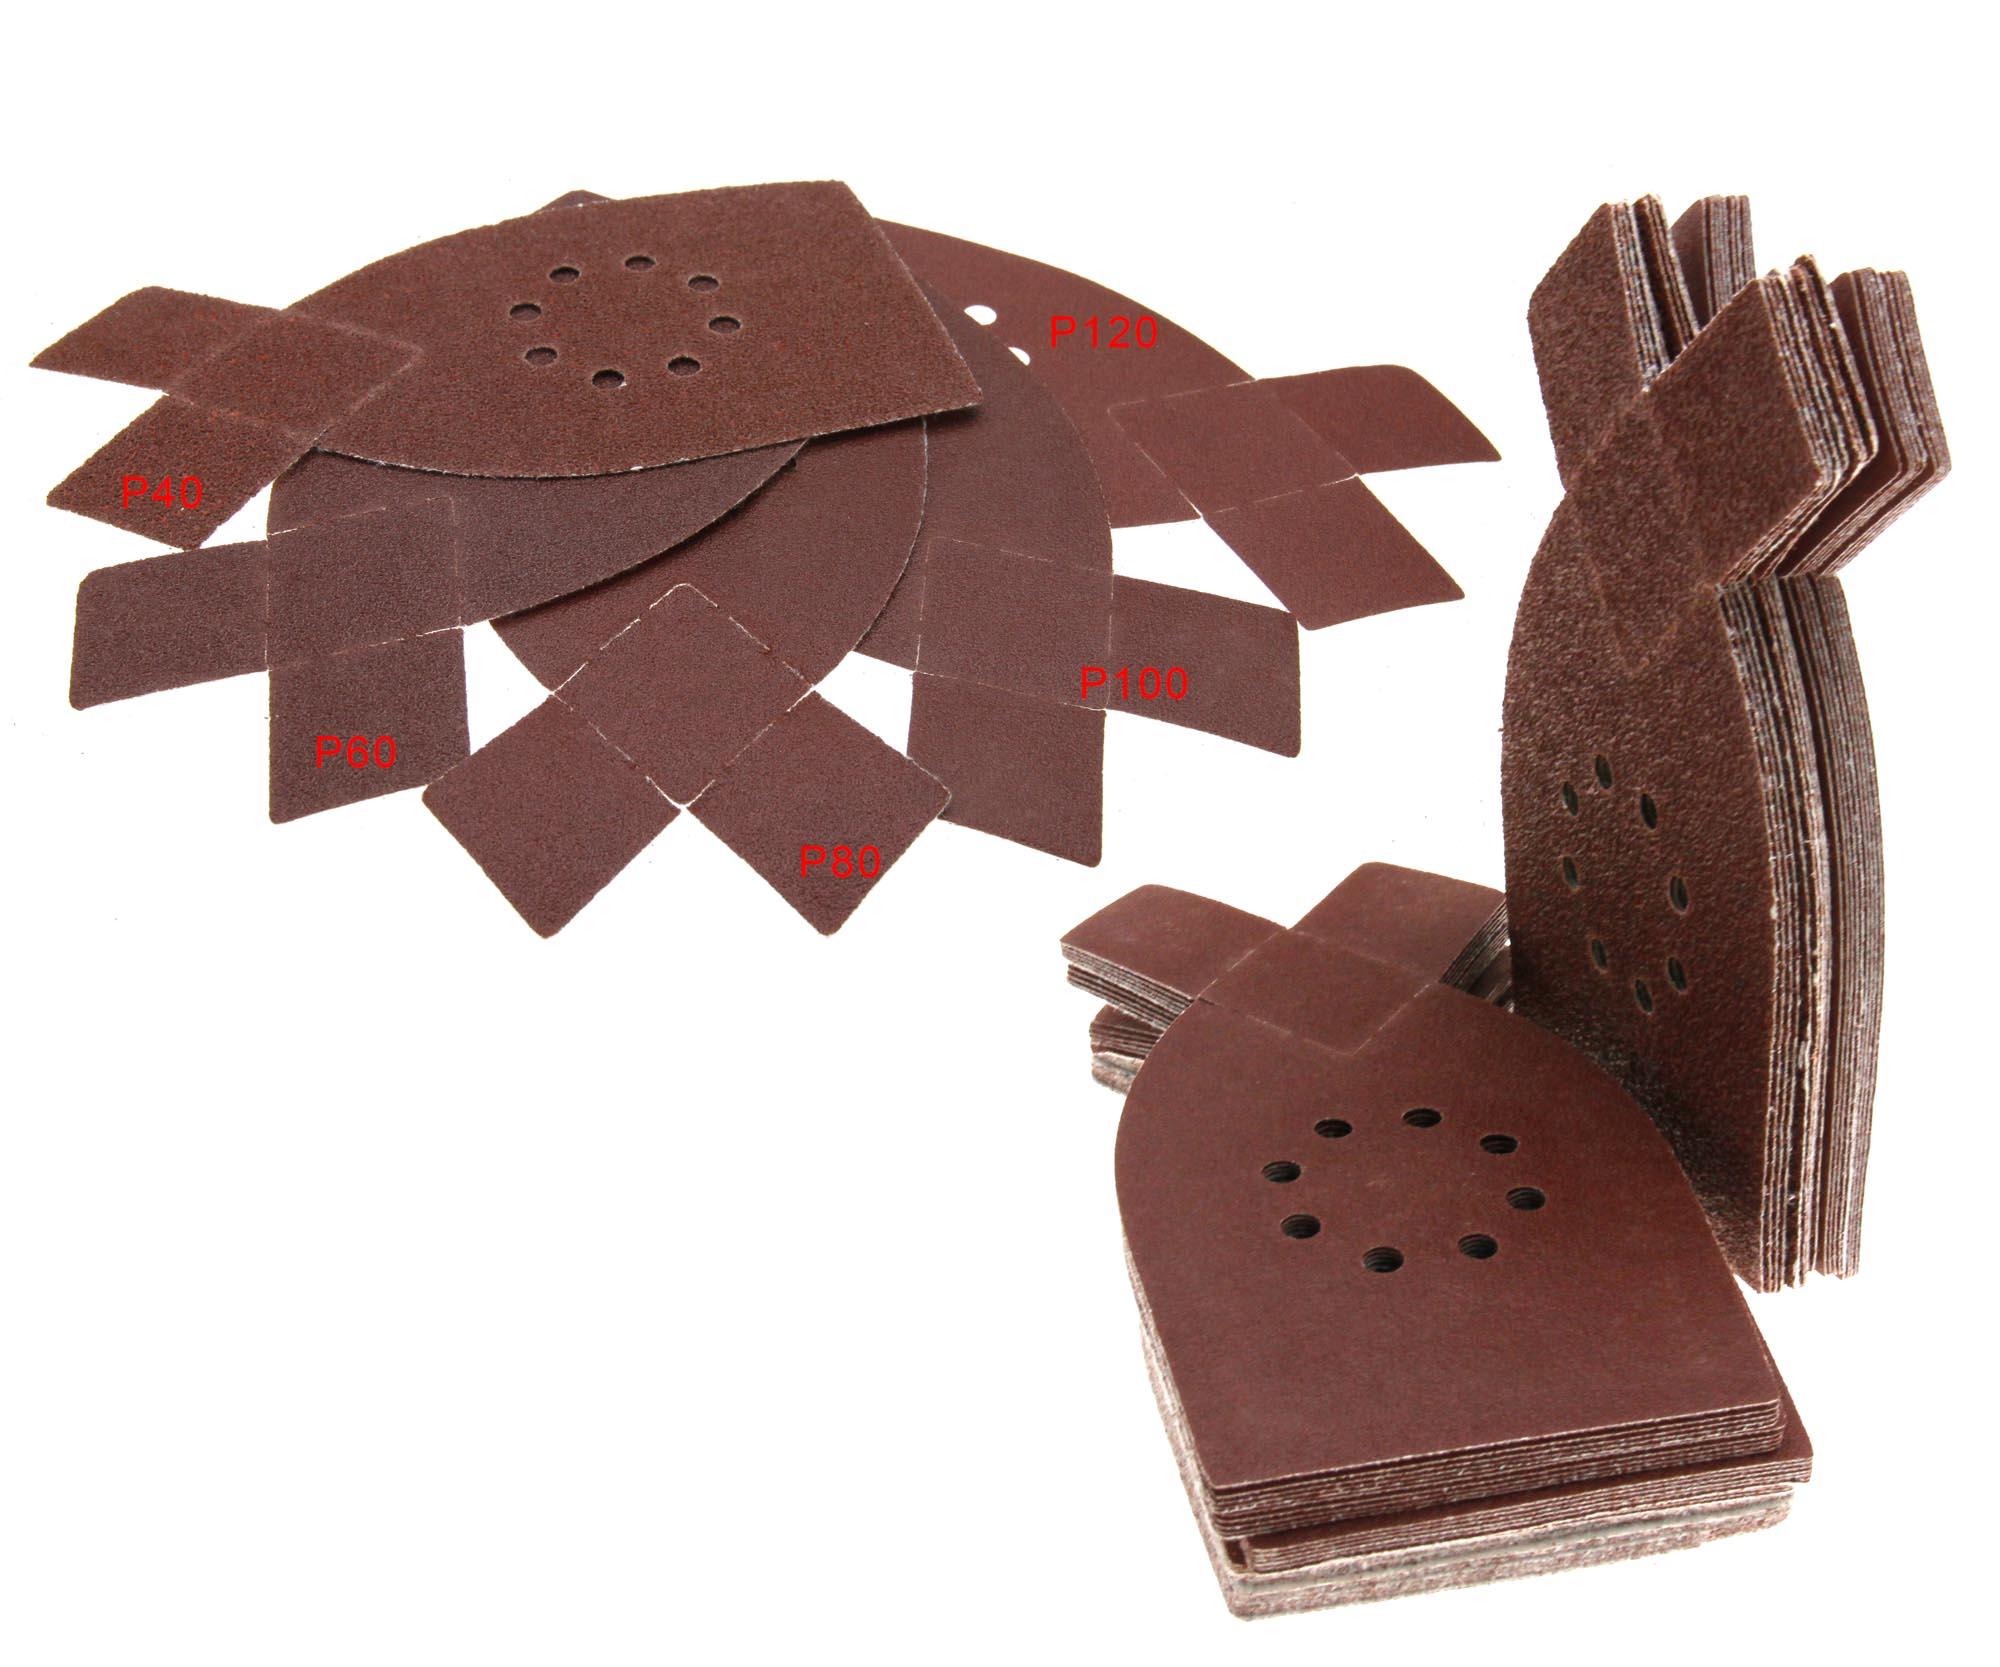 for black decker sander 40 80 120 180 240 grit mouse. Black Bedroom Furniture Sets. Home Design Ideas